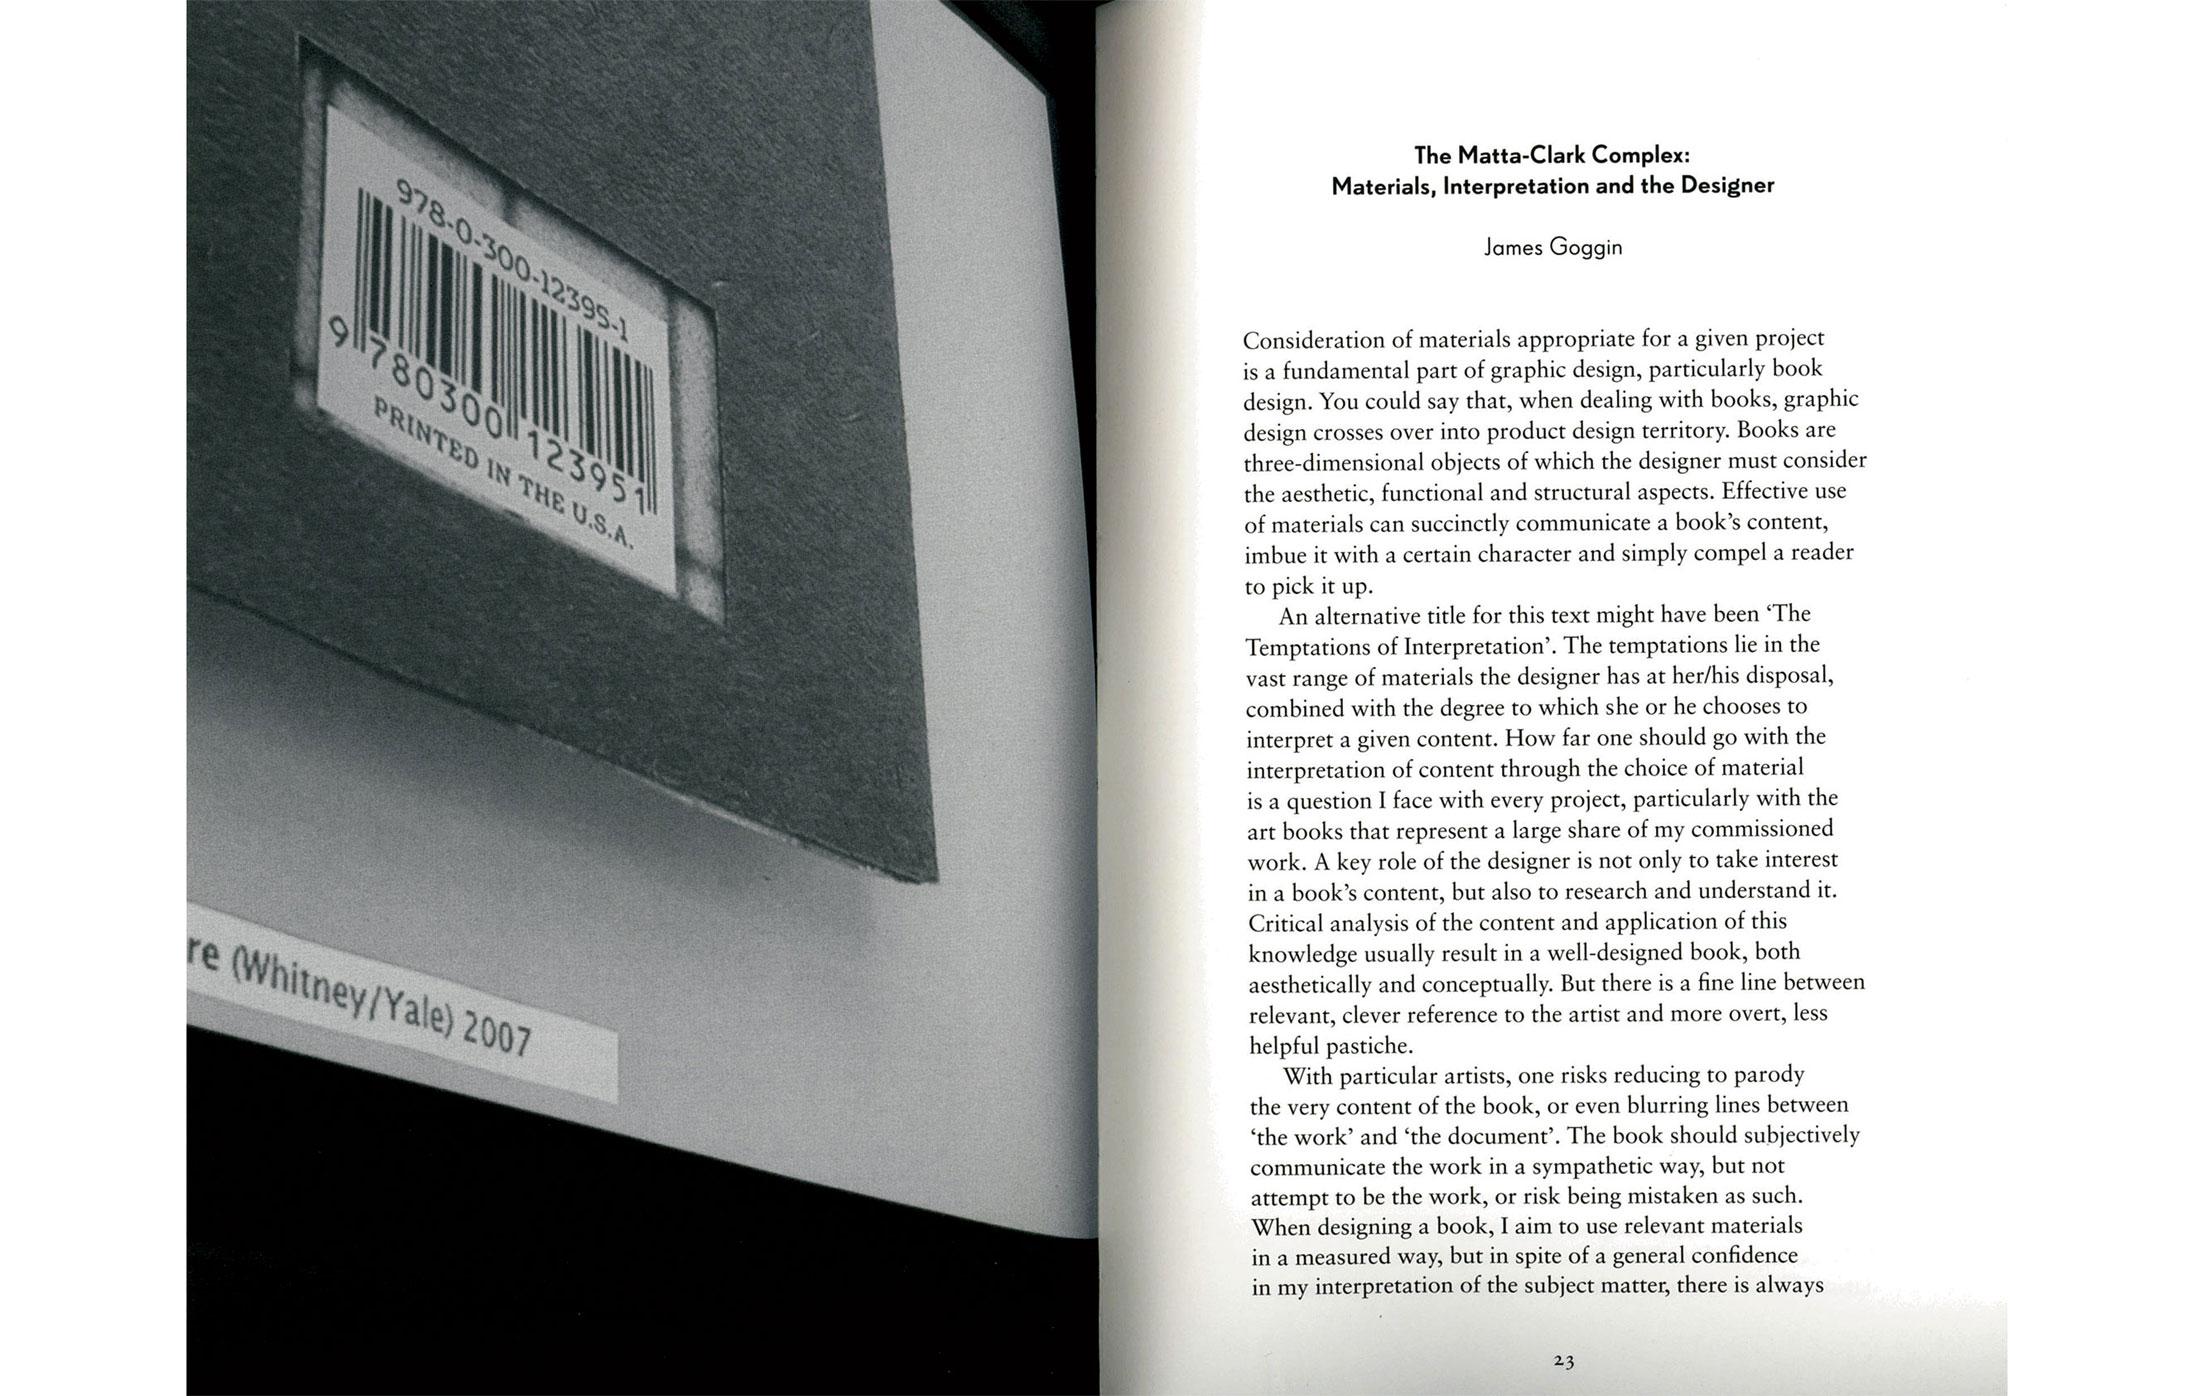 The-Matta-Clark-Complex-Materials-Interpretation-and-the-Designer-essai-James-Goggin-The-Form-of-the-Book-Book-1